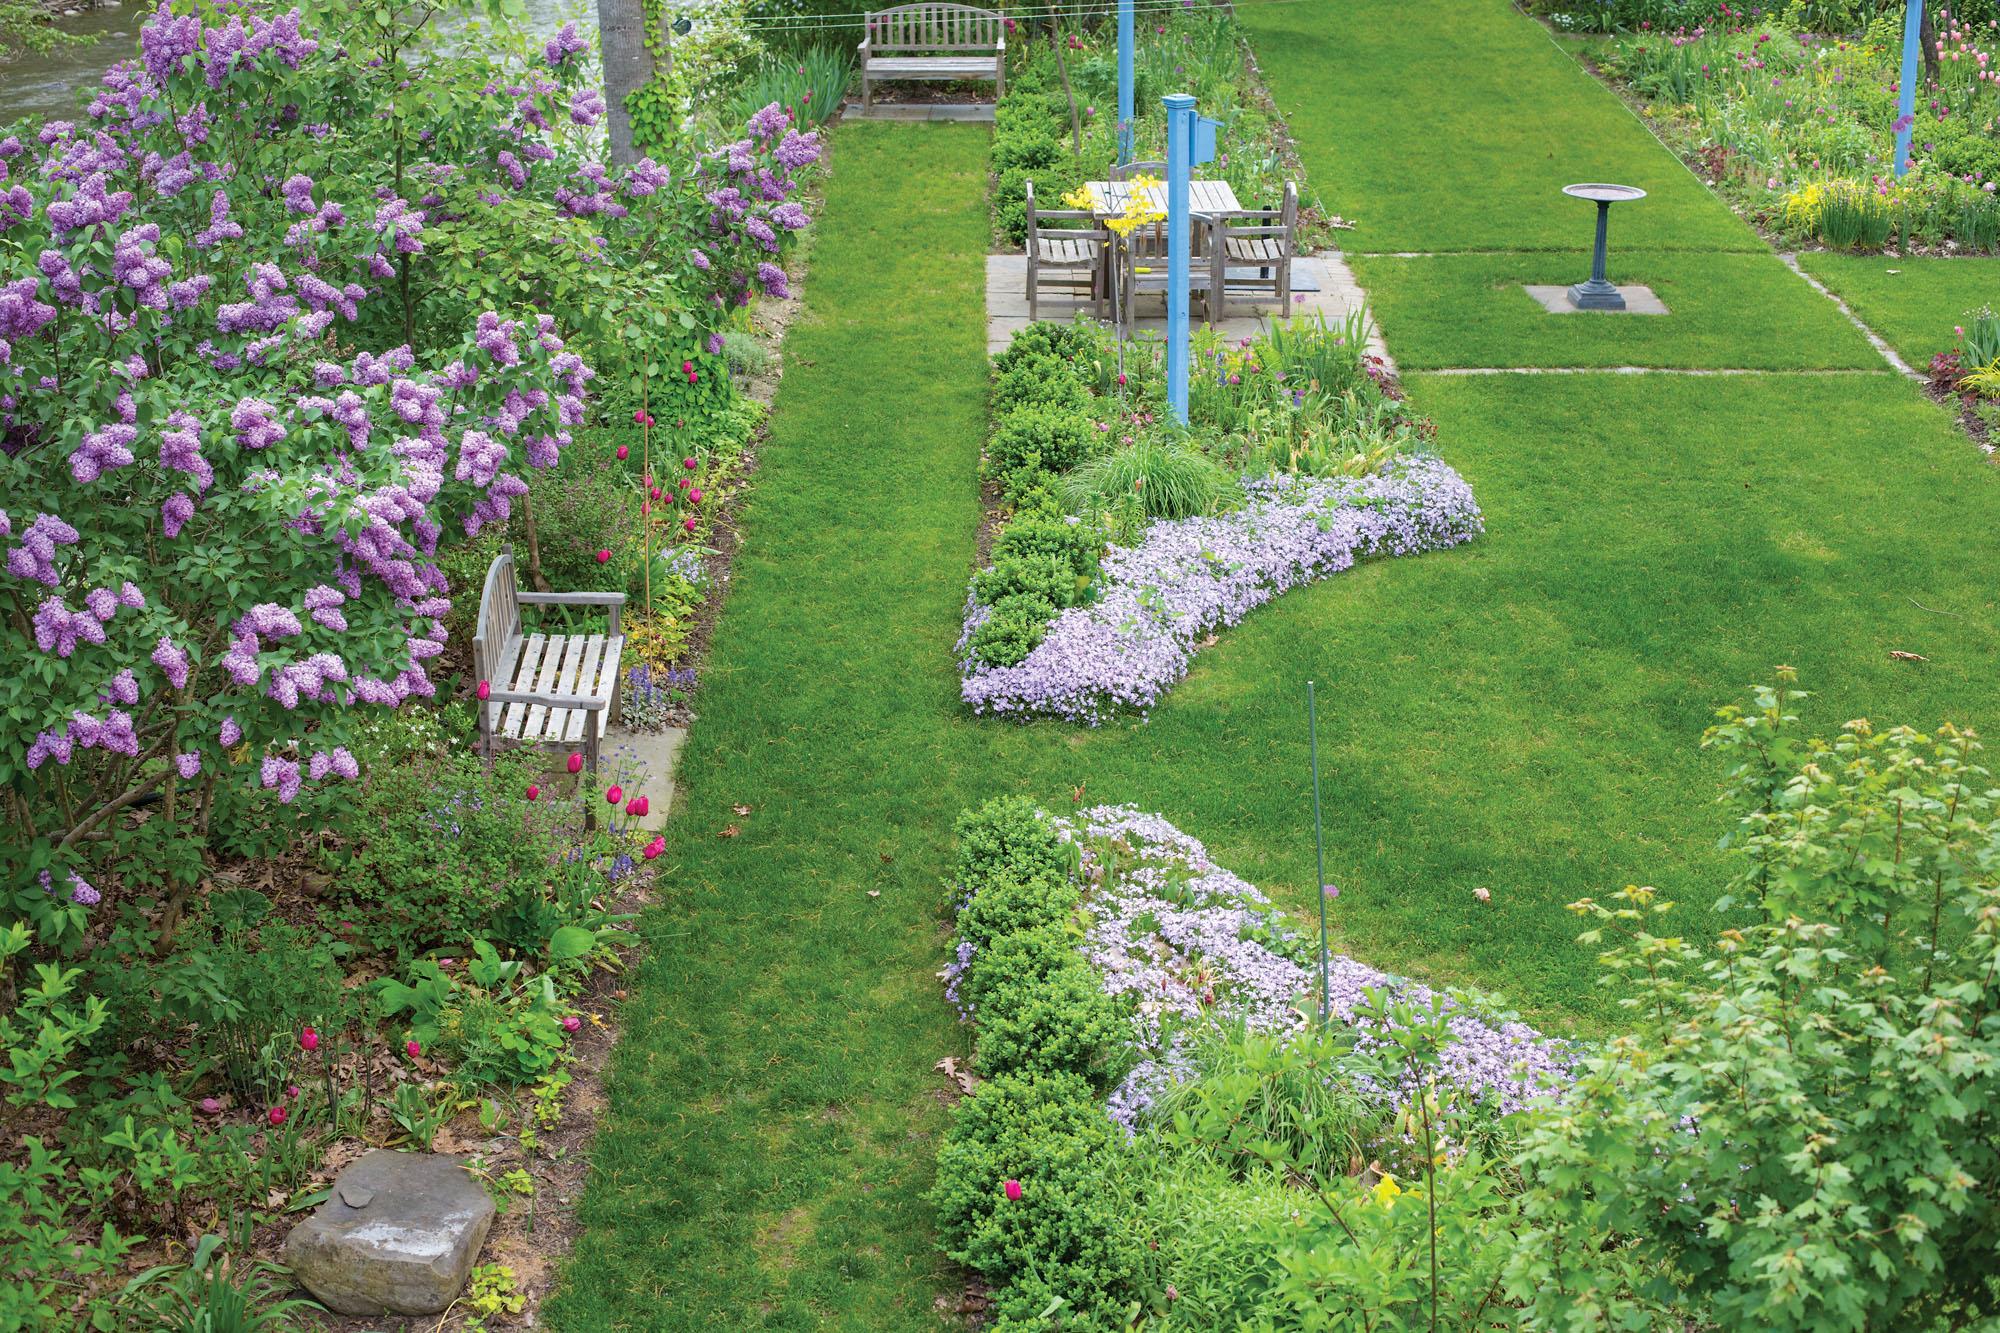 garden with lilacs